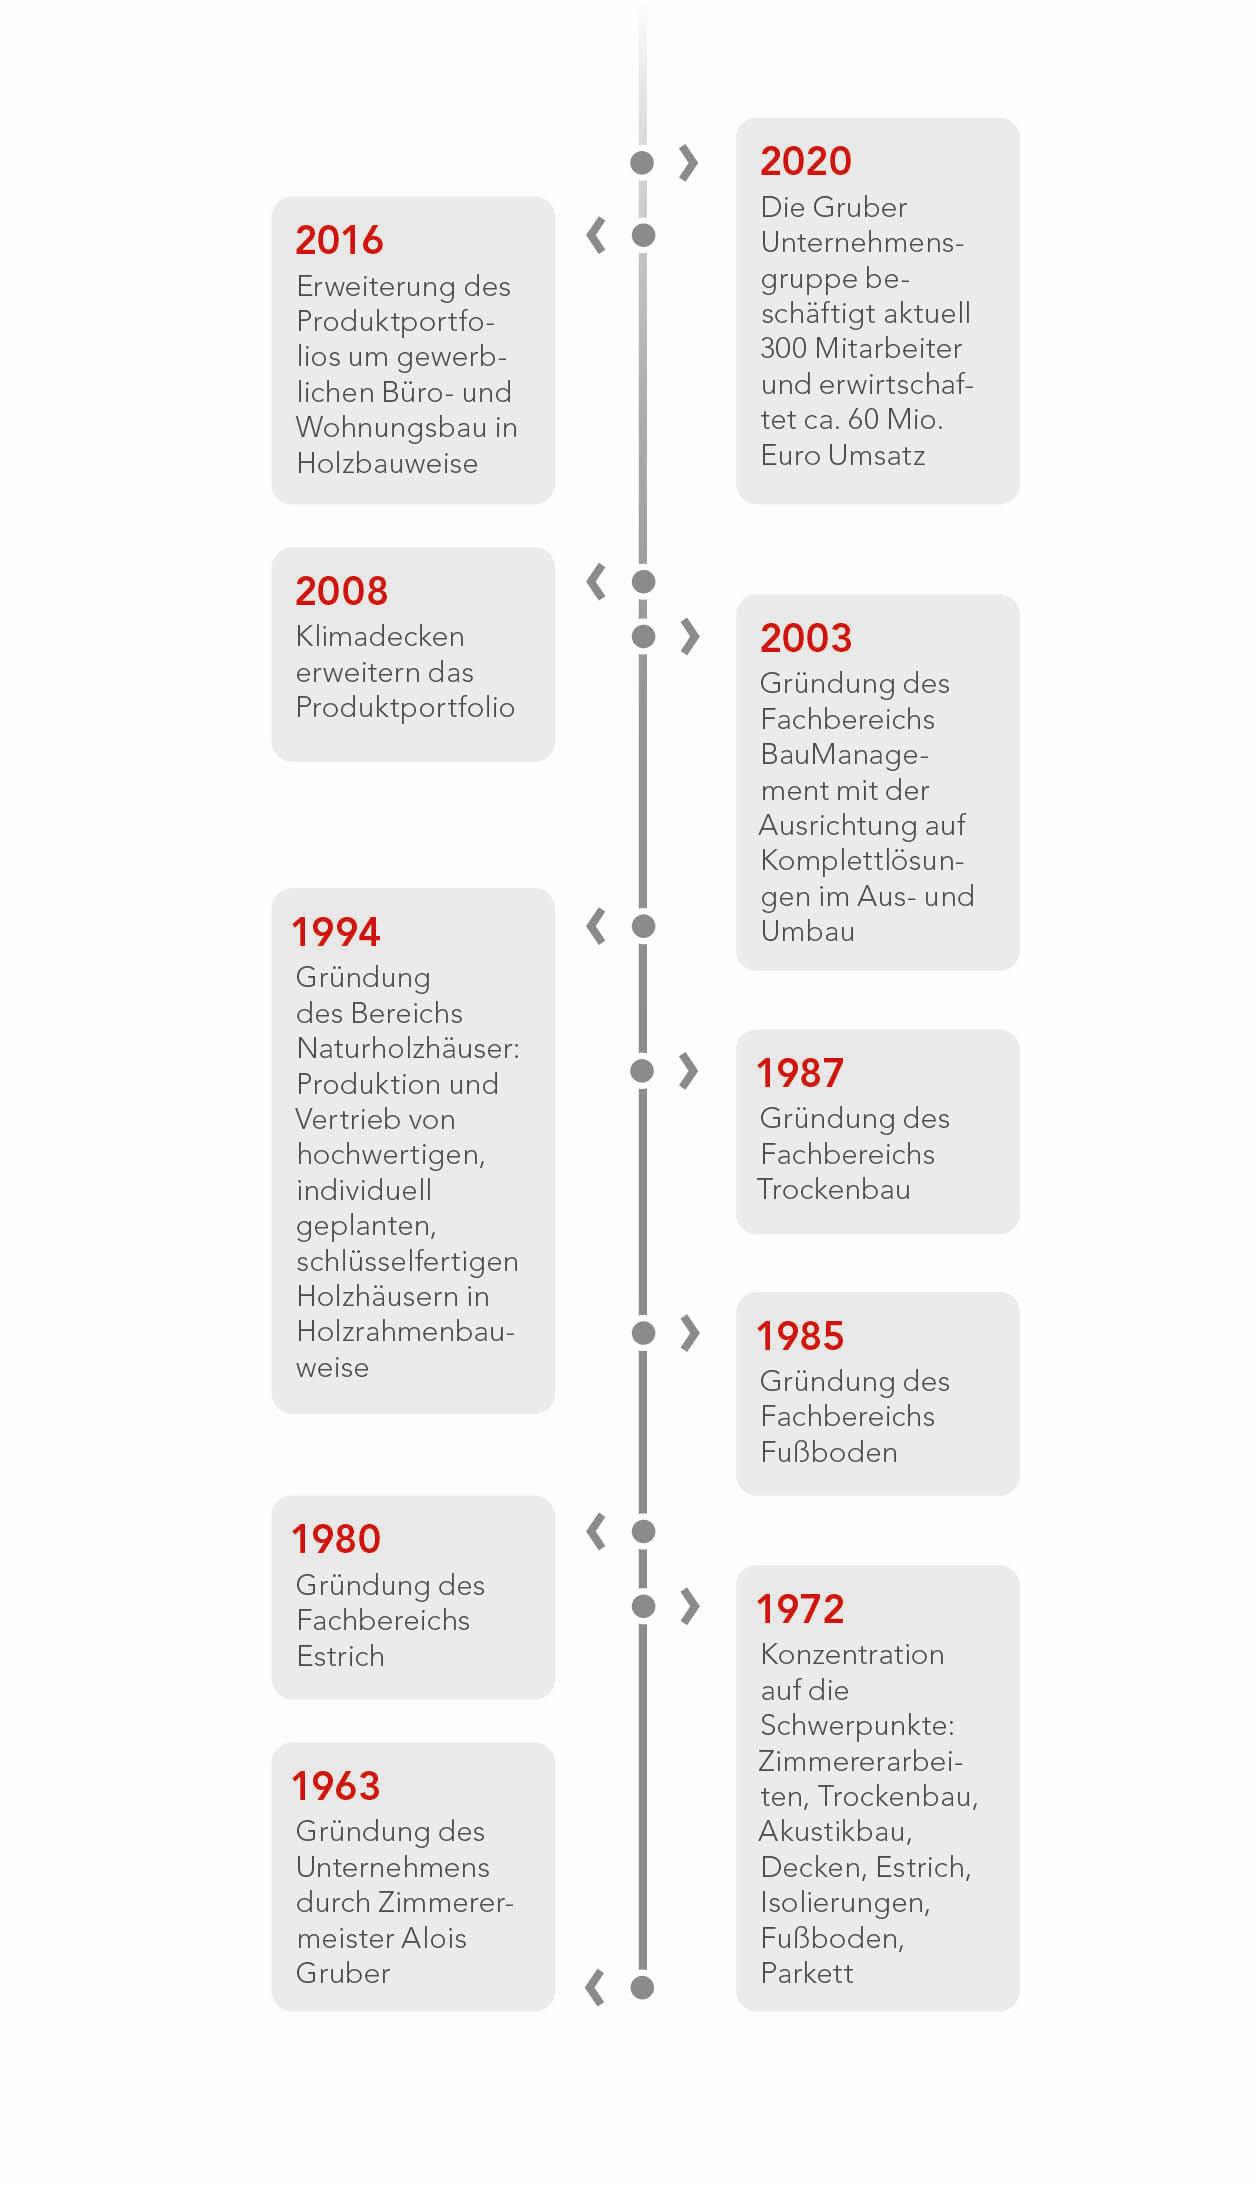 Firmengeschichte